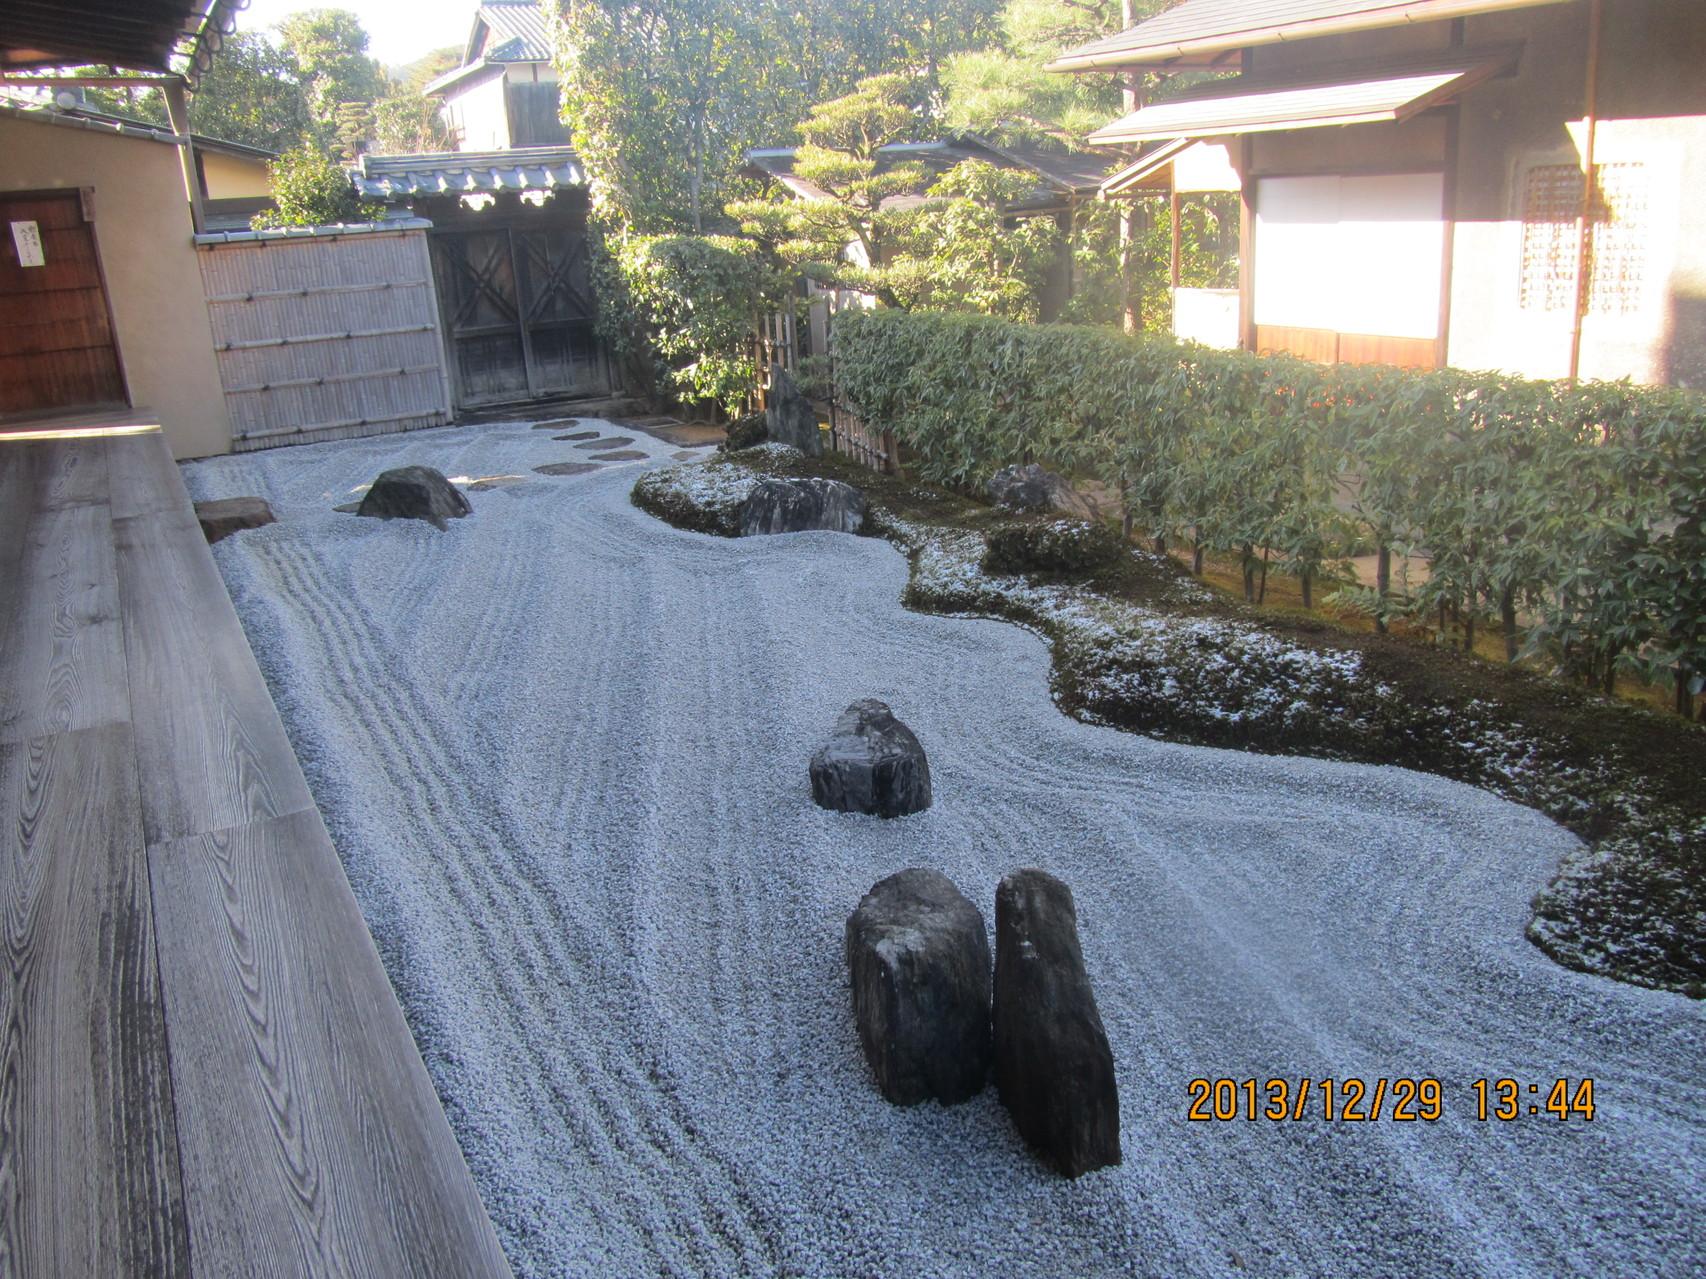 大徳寺、瑞峯院(ずいほういん)の閑眠庭(方丈裏)。縦4個、横3個の石が十字架に組まれています。